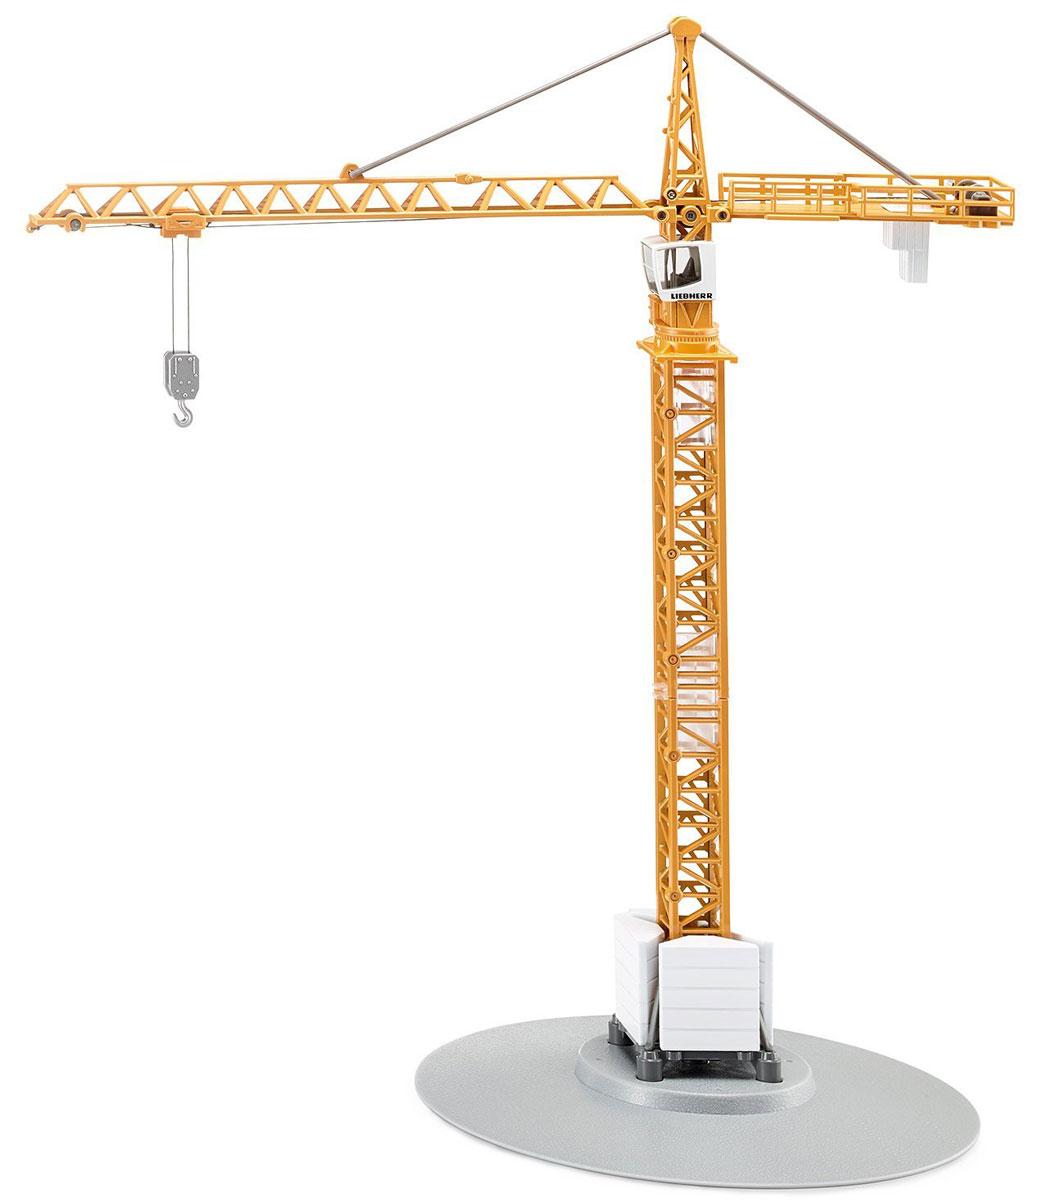 """Подъемный кран Siku """"Liebherr"""" станет прекрасным пополнением коллекции юного любителя техники. Подъемный кран """"Liebherr"""" - лидер в сфере строительства во всем мире. Кран оснащен складной стрелой, кабиной водителя и противовесом. Подъемный кран поворачивается на 360 градусов. С помощью лебедки можно вручную управлять ковшом и крюком крана. Специальные стойки- упоры у основания придают машине большую устойчивость во время работы. Модель выполнены из металла с элементами из пластика. Порадуйте своего ребенка таким замечательным подарком!"""